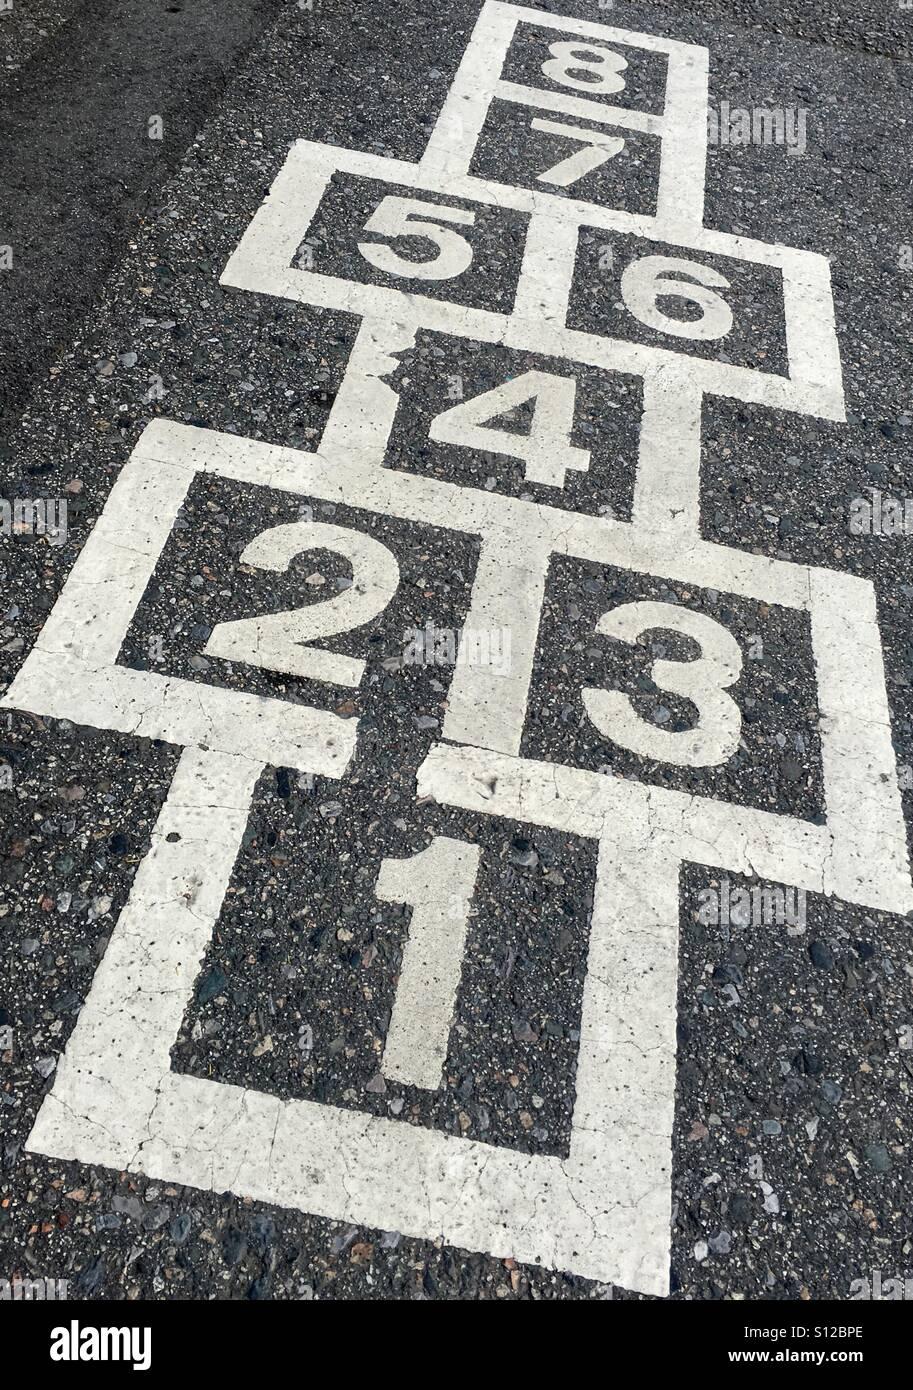 Nummerierte Hopscotch Raster. Stockbild